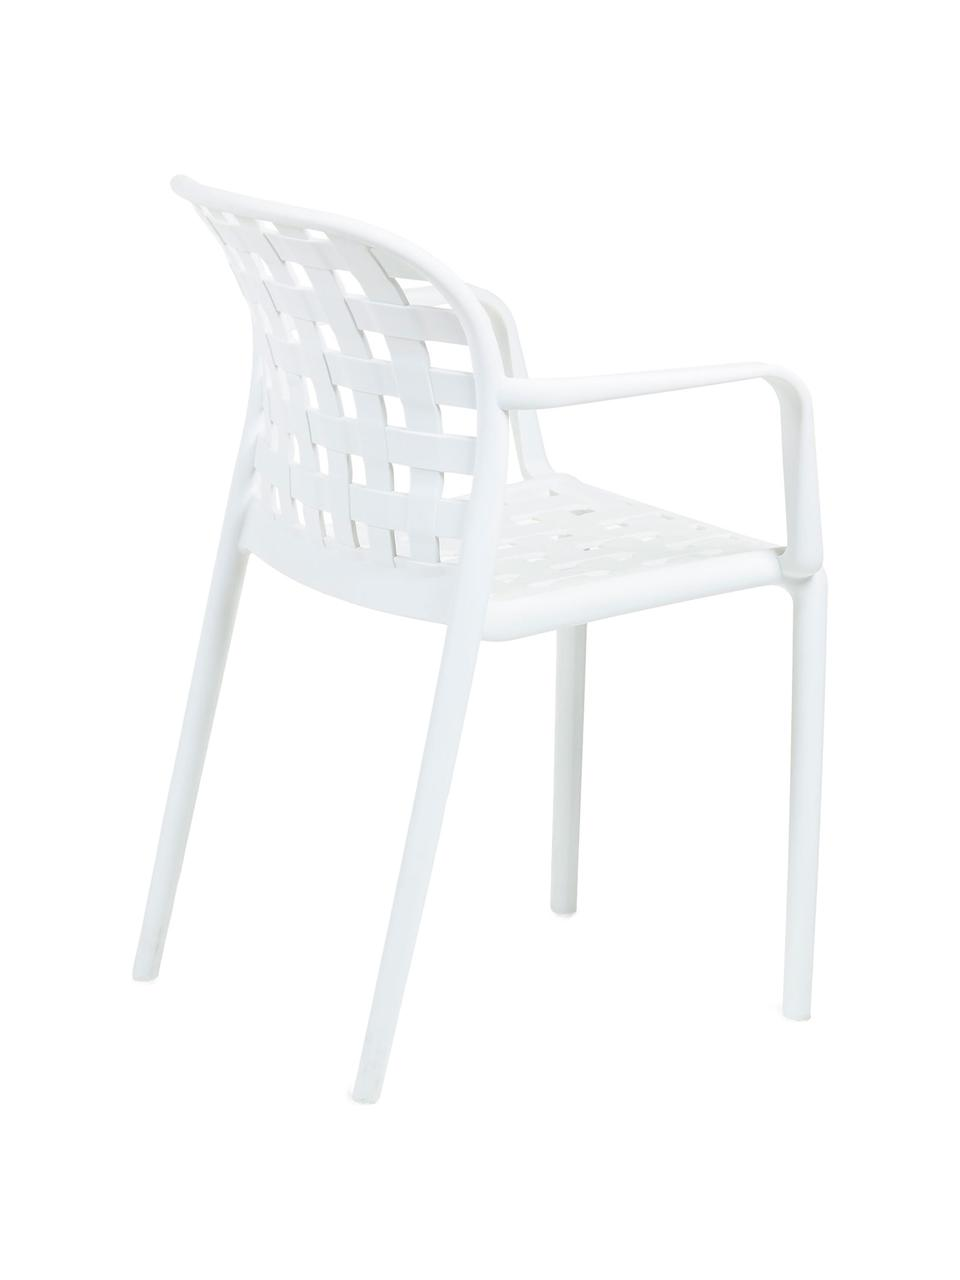 Stohovatelná zahradní židle z umělé hmoty Isa, 2 ks, Bílá